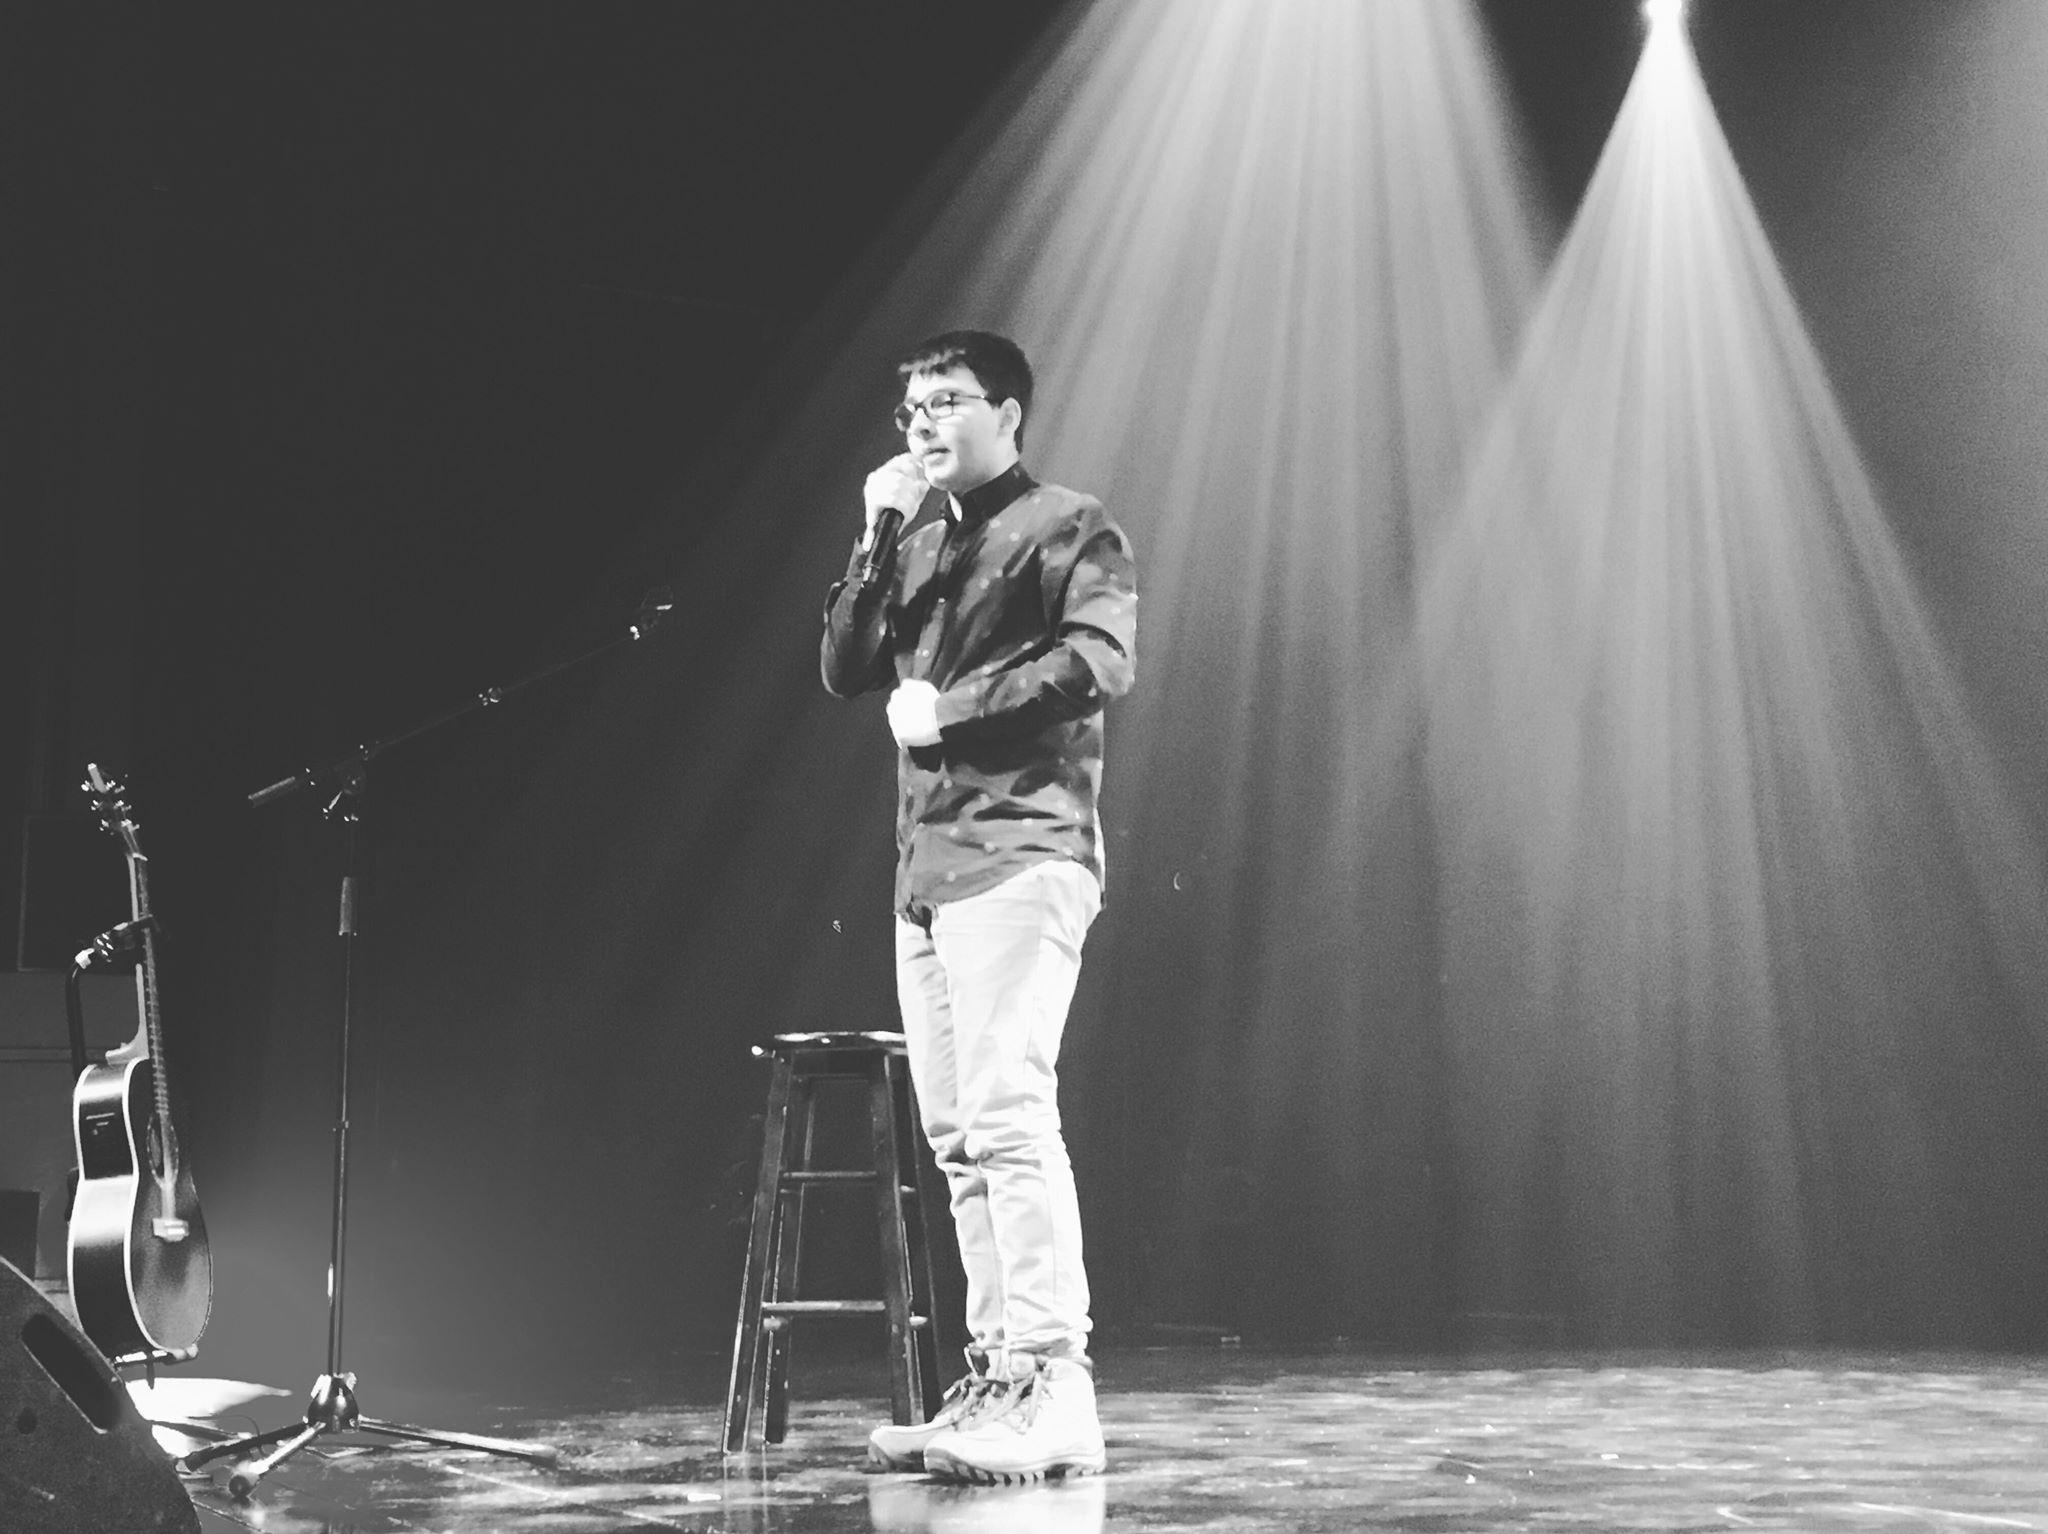 L'humoriste Simon Desbiens représentera le Cégep de Chicoutimi à la Finale régionale de Cégeps en spectacle à Rimouski en mars.